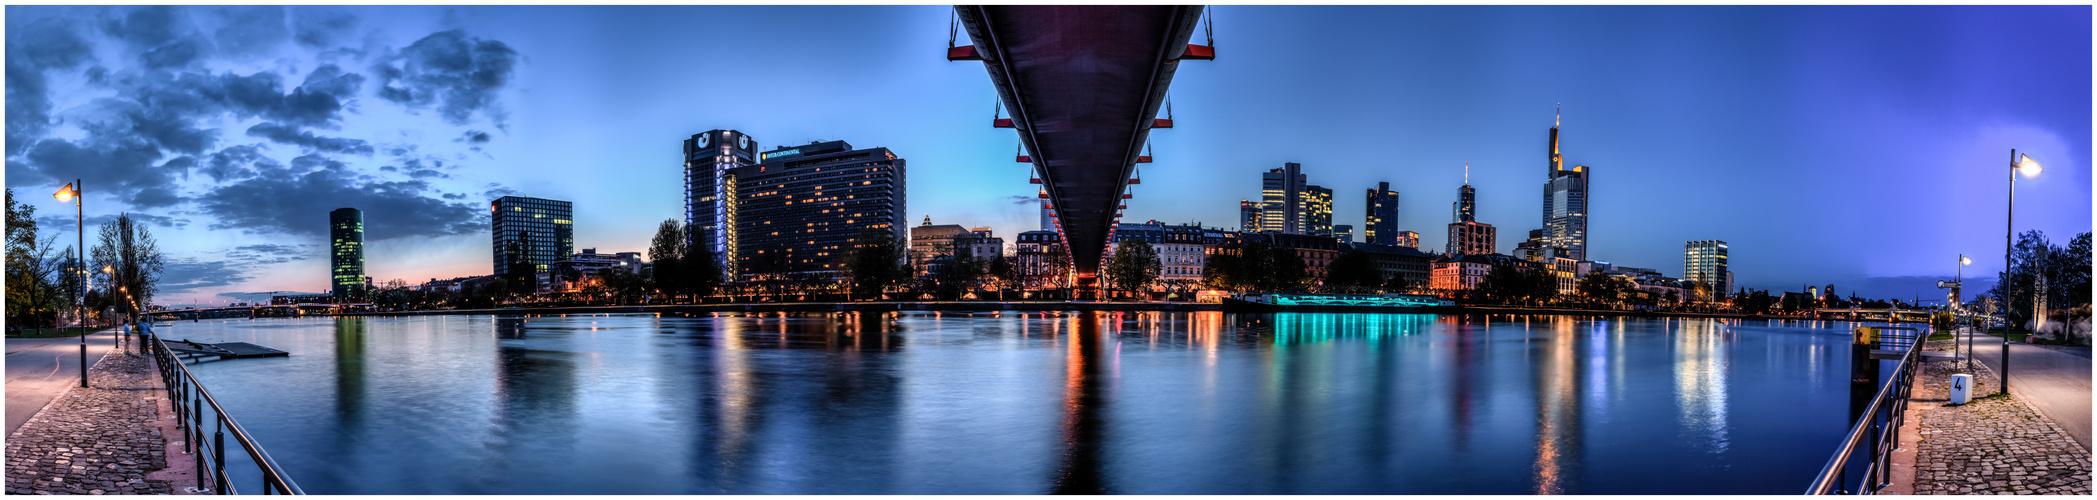 Under the Bridge, Part III